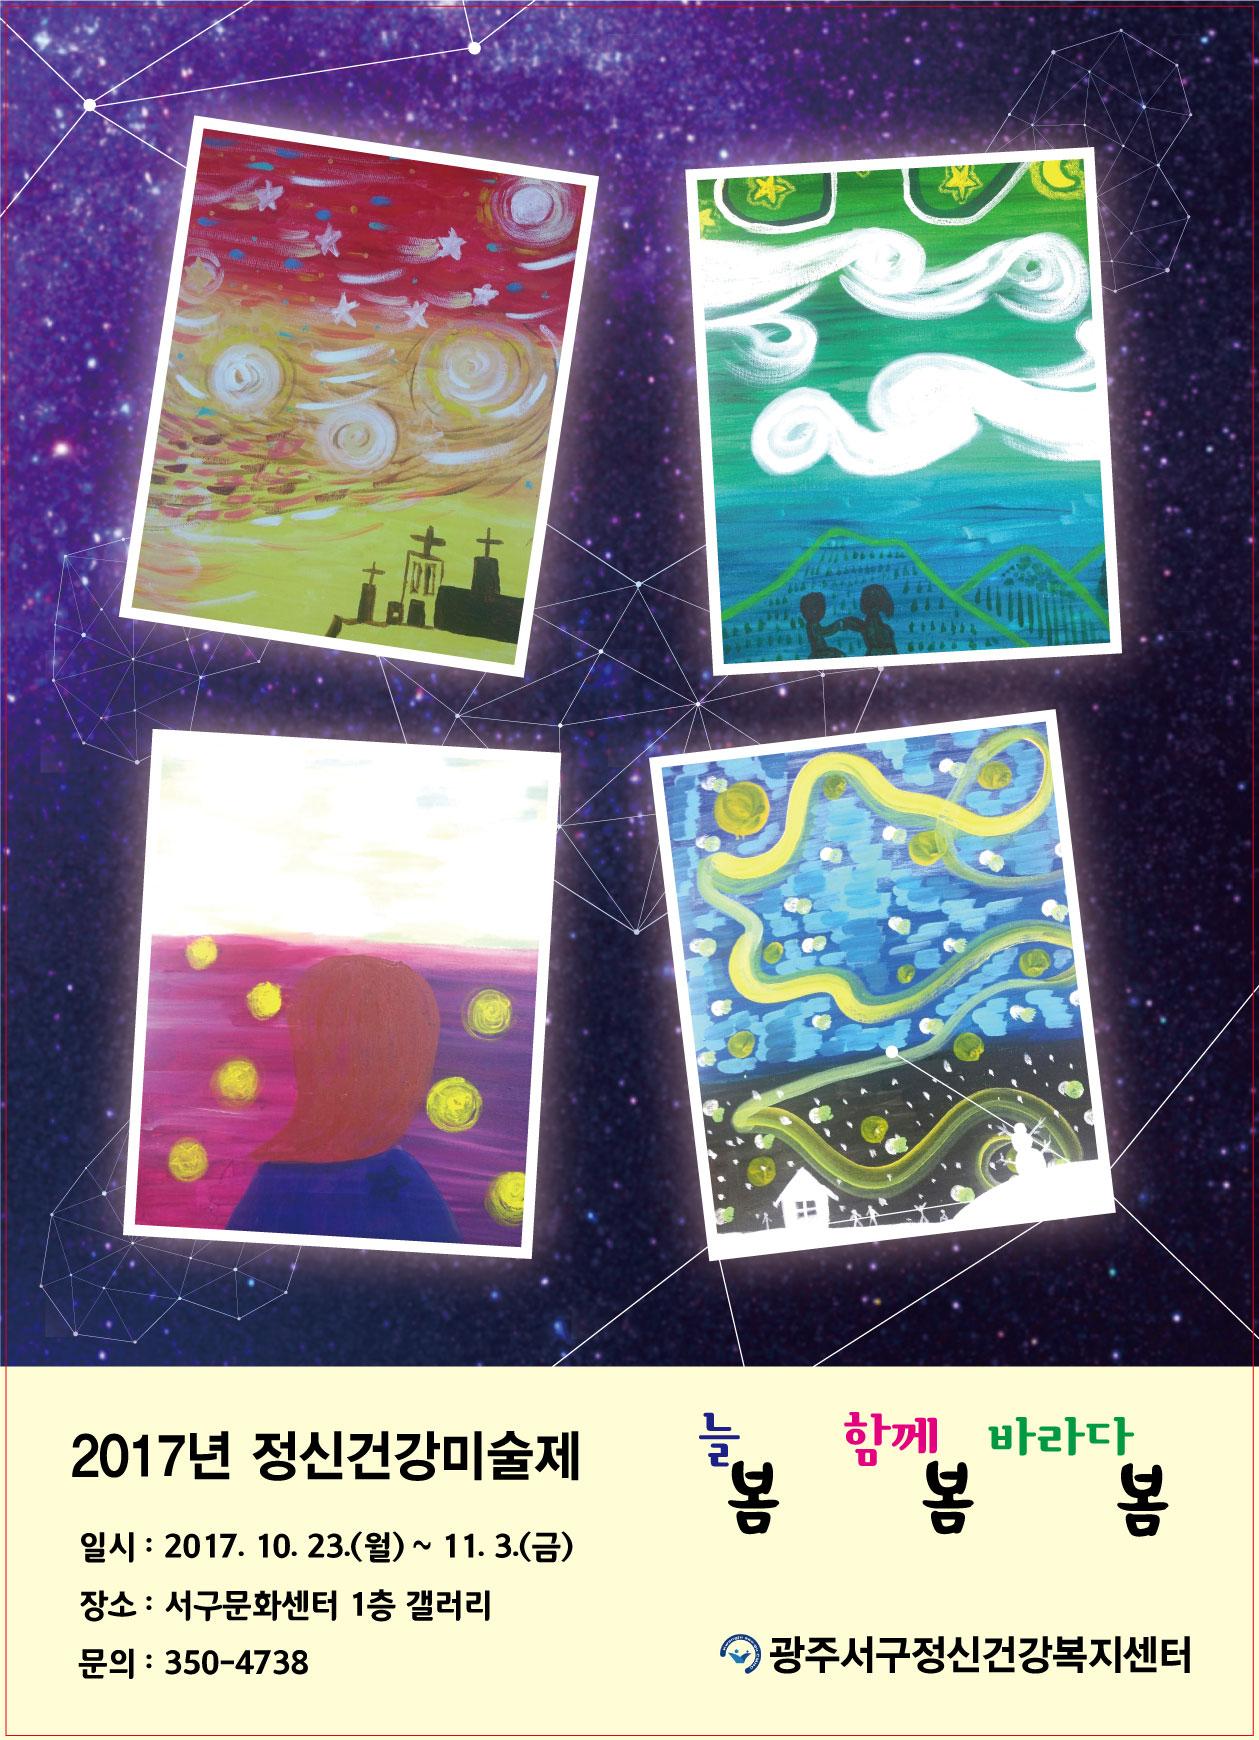 2017년 정신건강 미술제  ' 늘(봄) 함께(봄) 바라다(봄) ' 개최